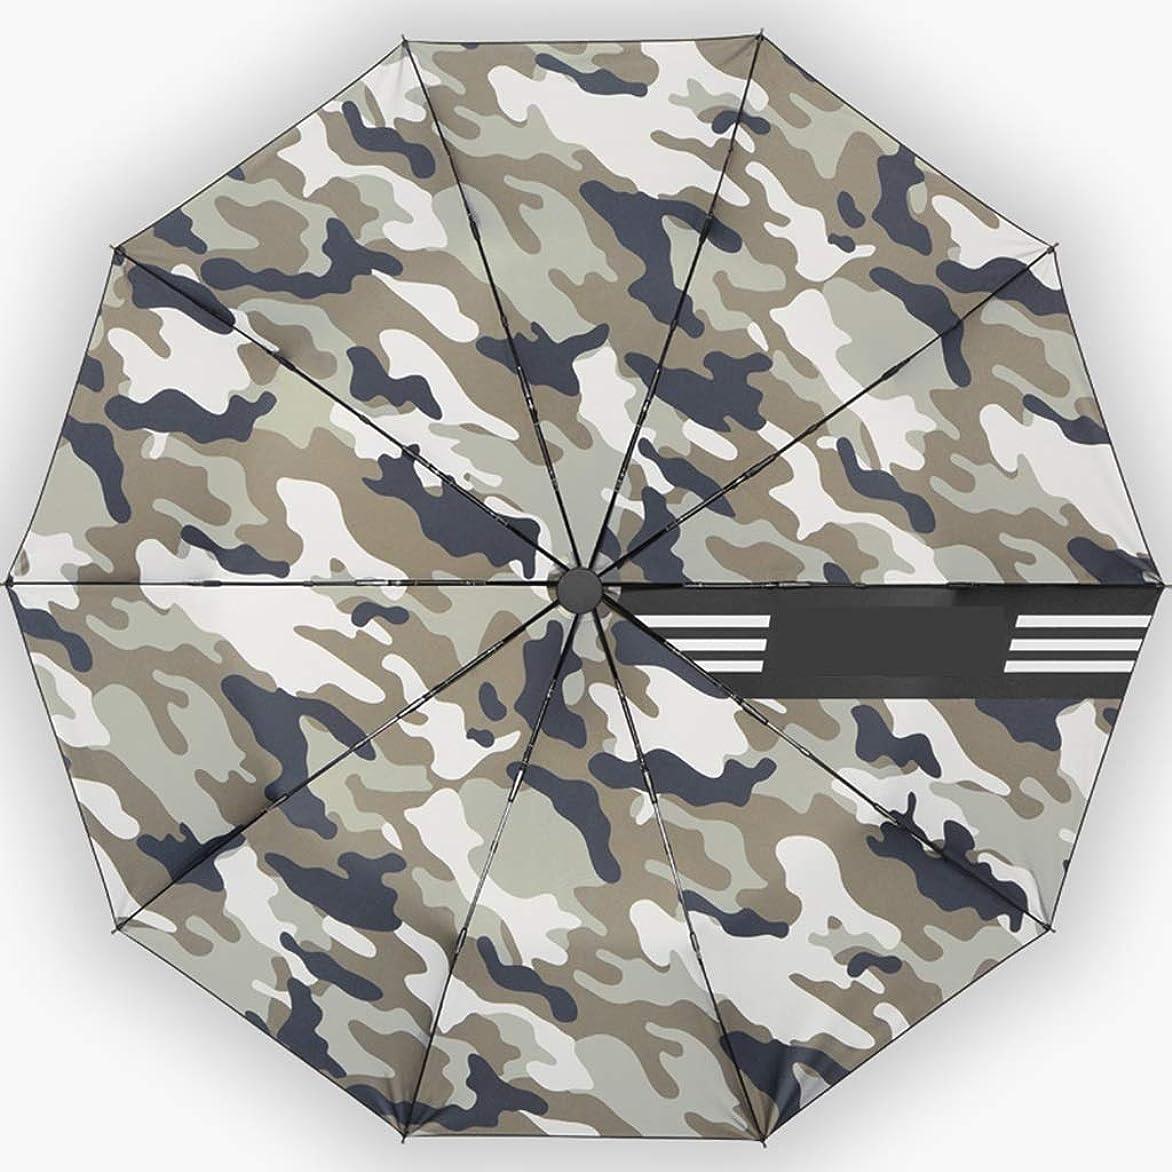 行政マイク分解する自動傘大折りたたみ傘太陽傘ポータブル傘防風三色オプション CQQO (Color : Gray)